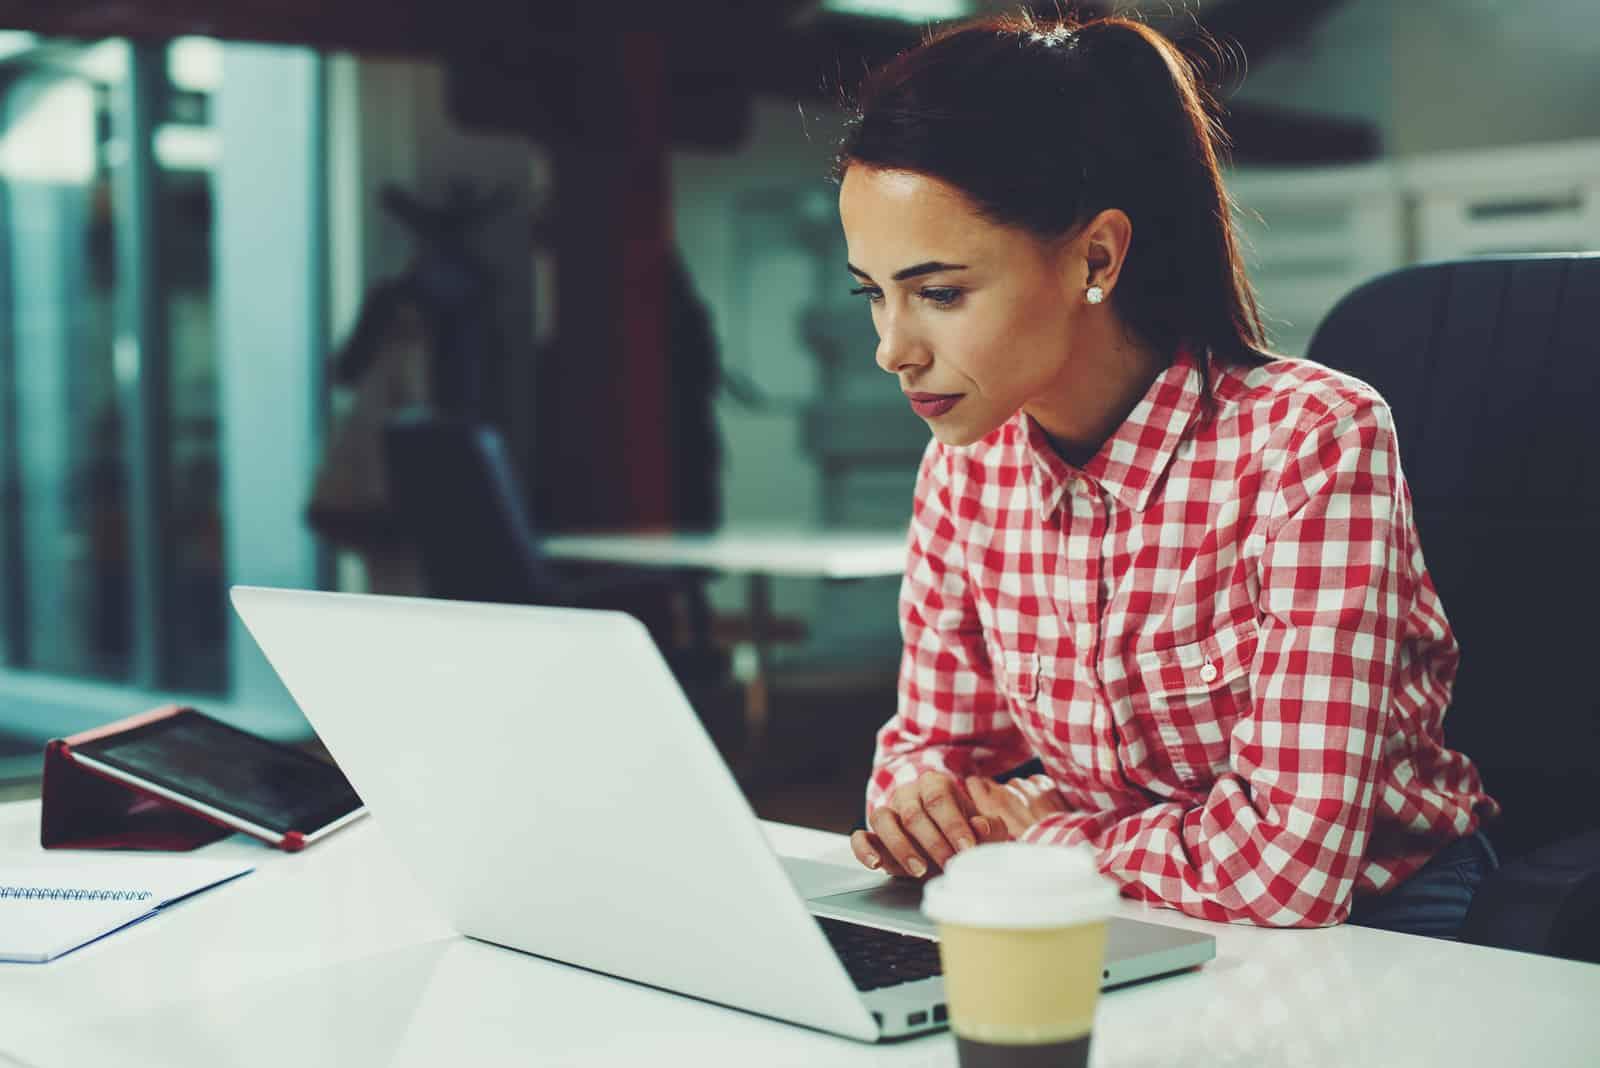 une femme aux cheveux attachés assise derrière un ordinateur portable